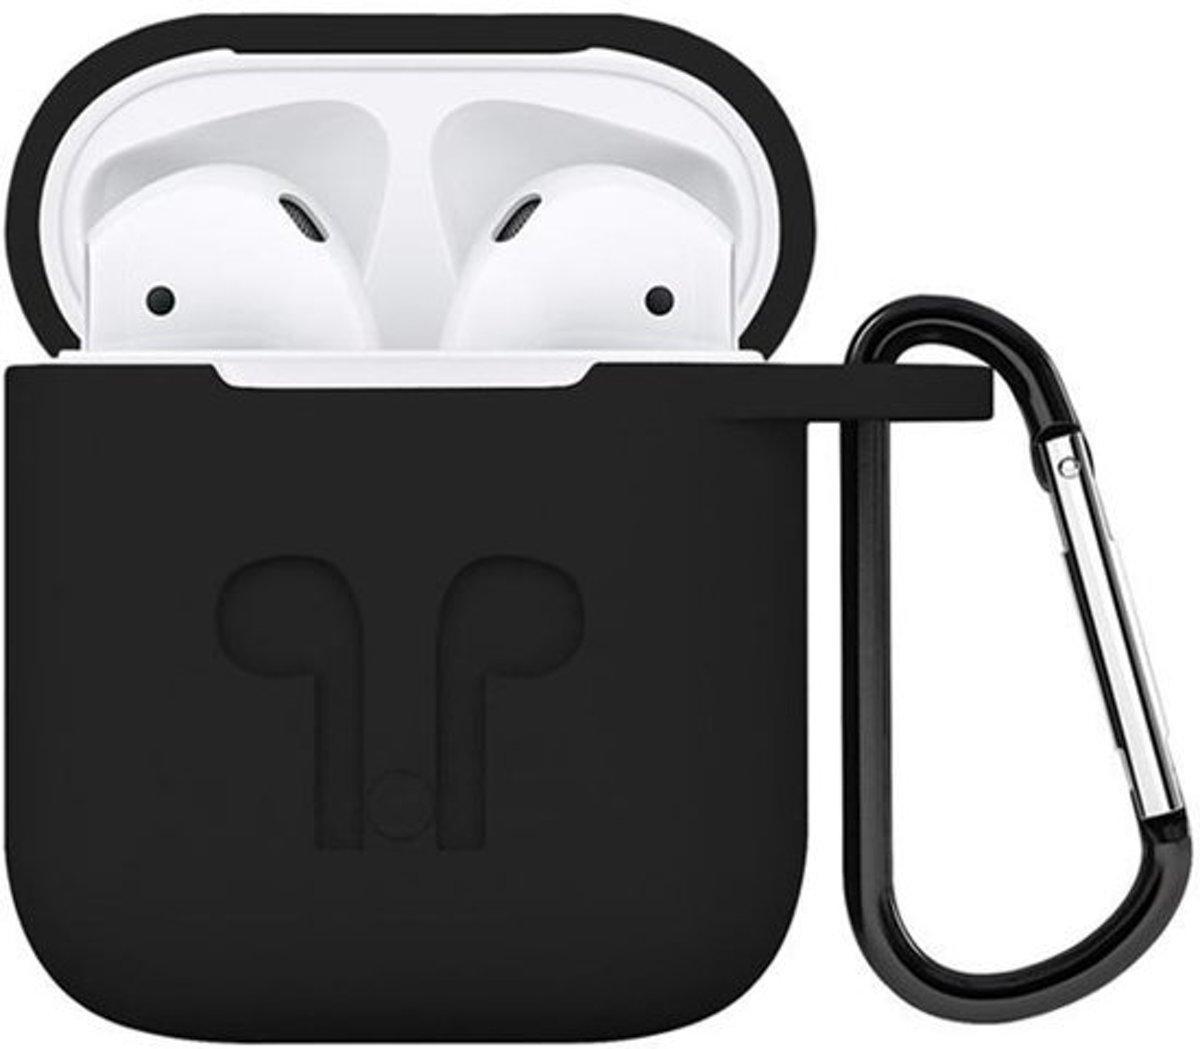 Airpods hoesje – Zwart/ Apple Airpods / Airpods case kopen